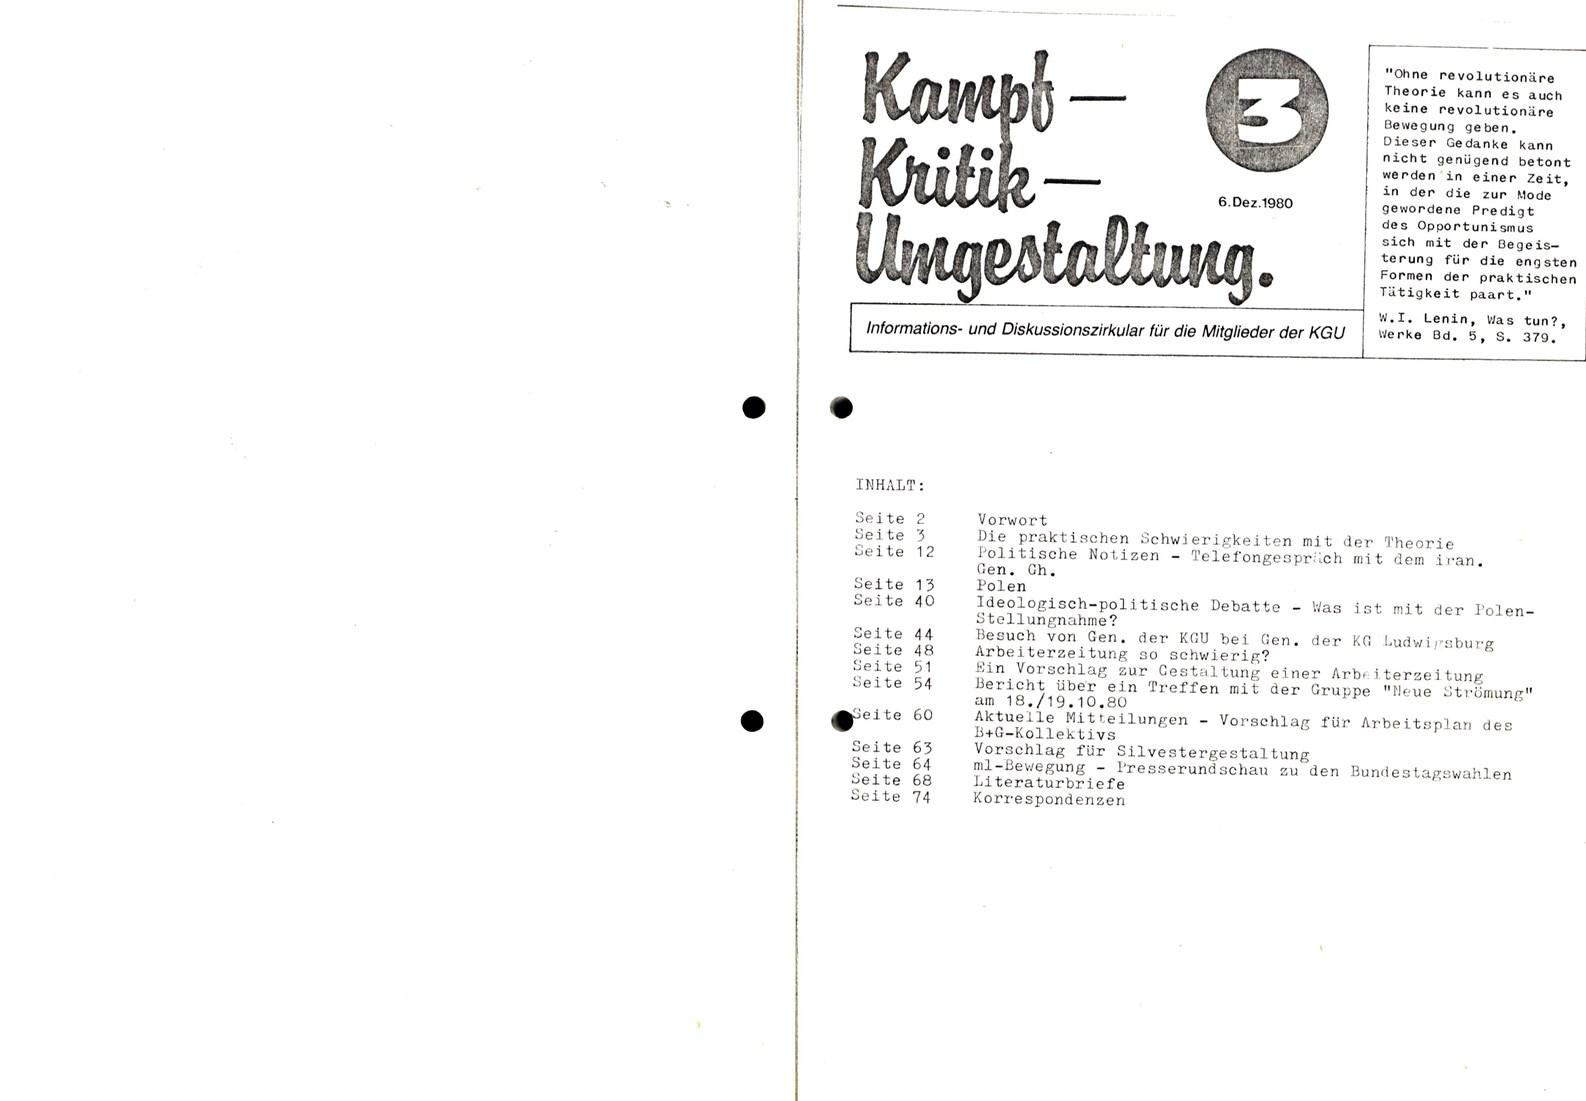 Ulm_KKU_19801206_003_001